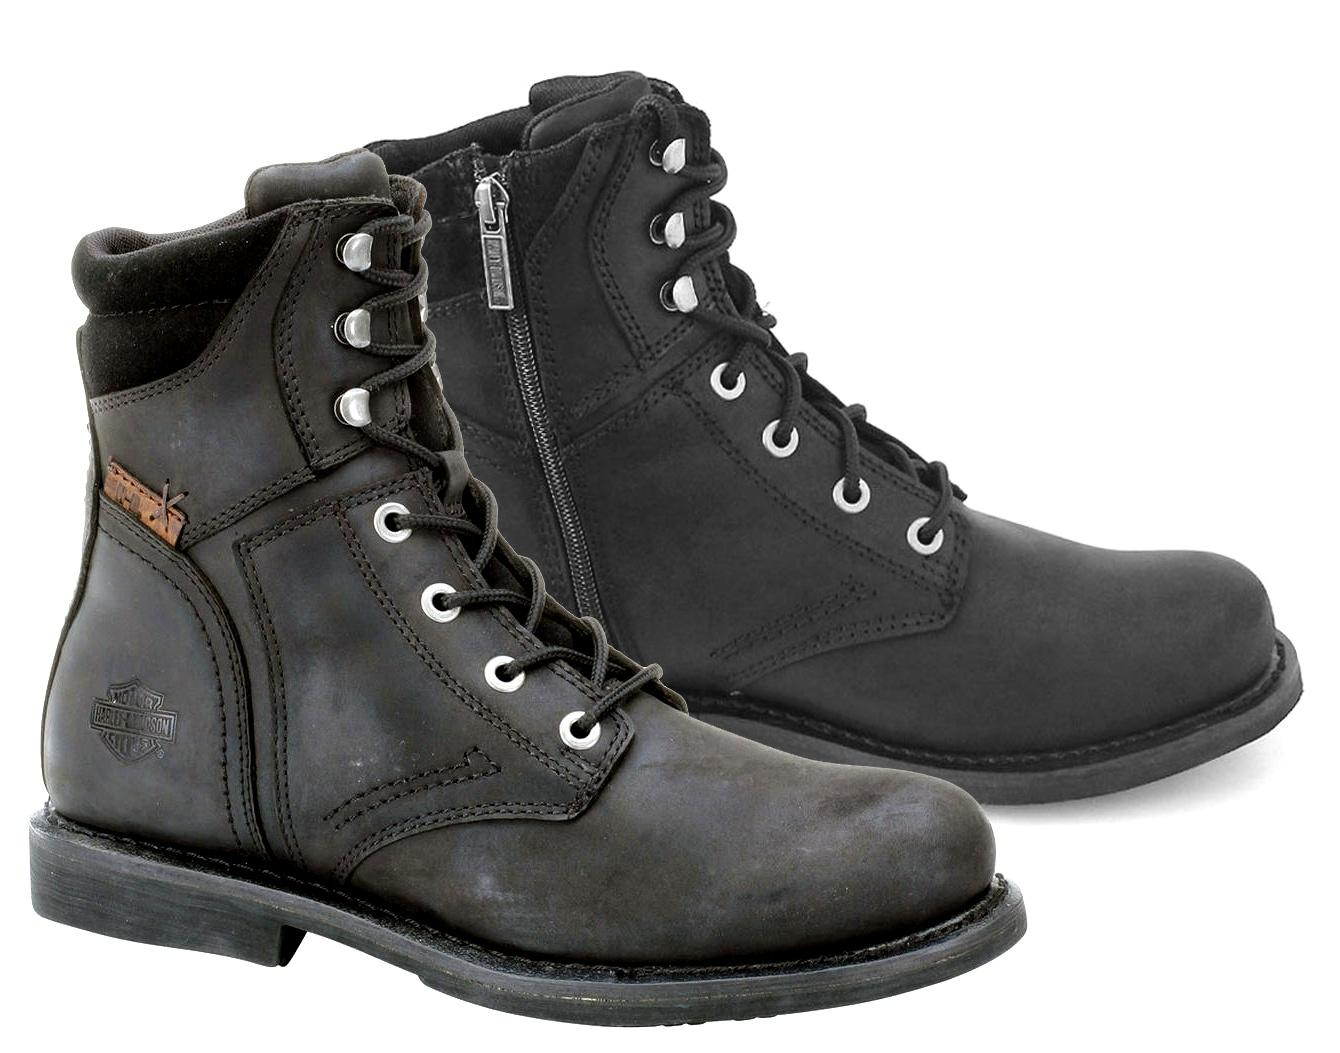 Harley-Davidson Men's Darnel CE Lace Up Boots Black